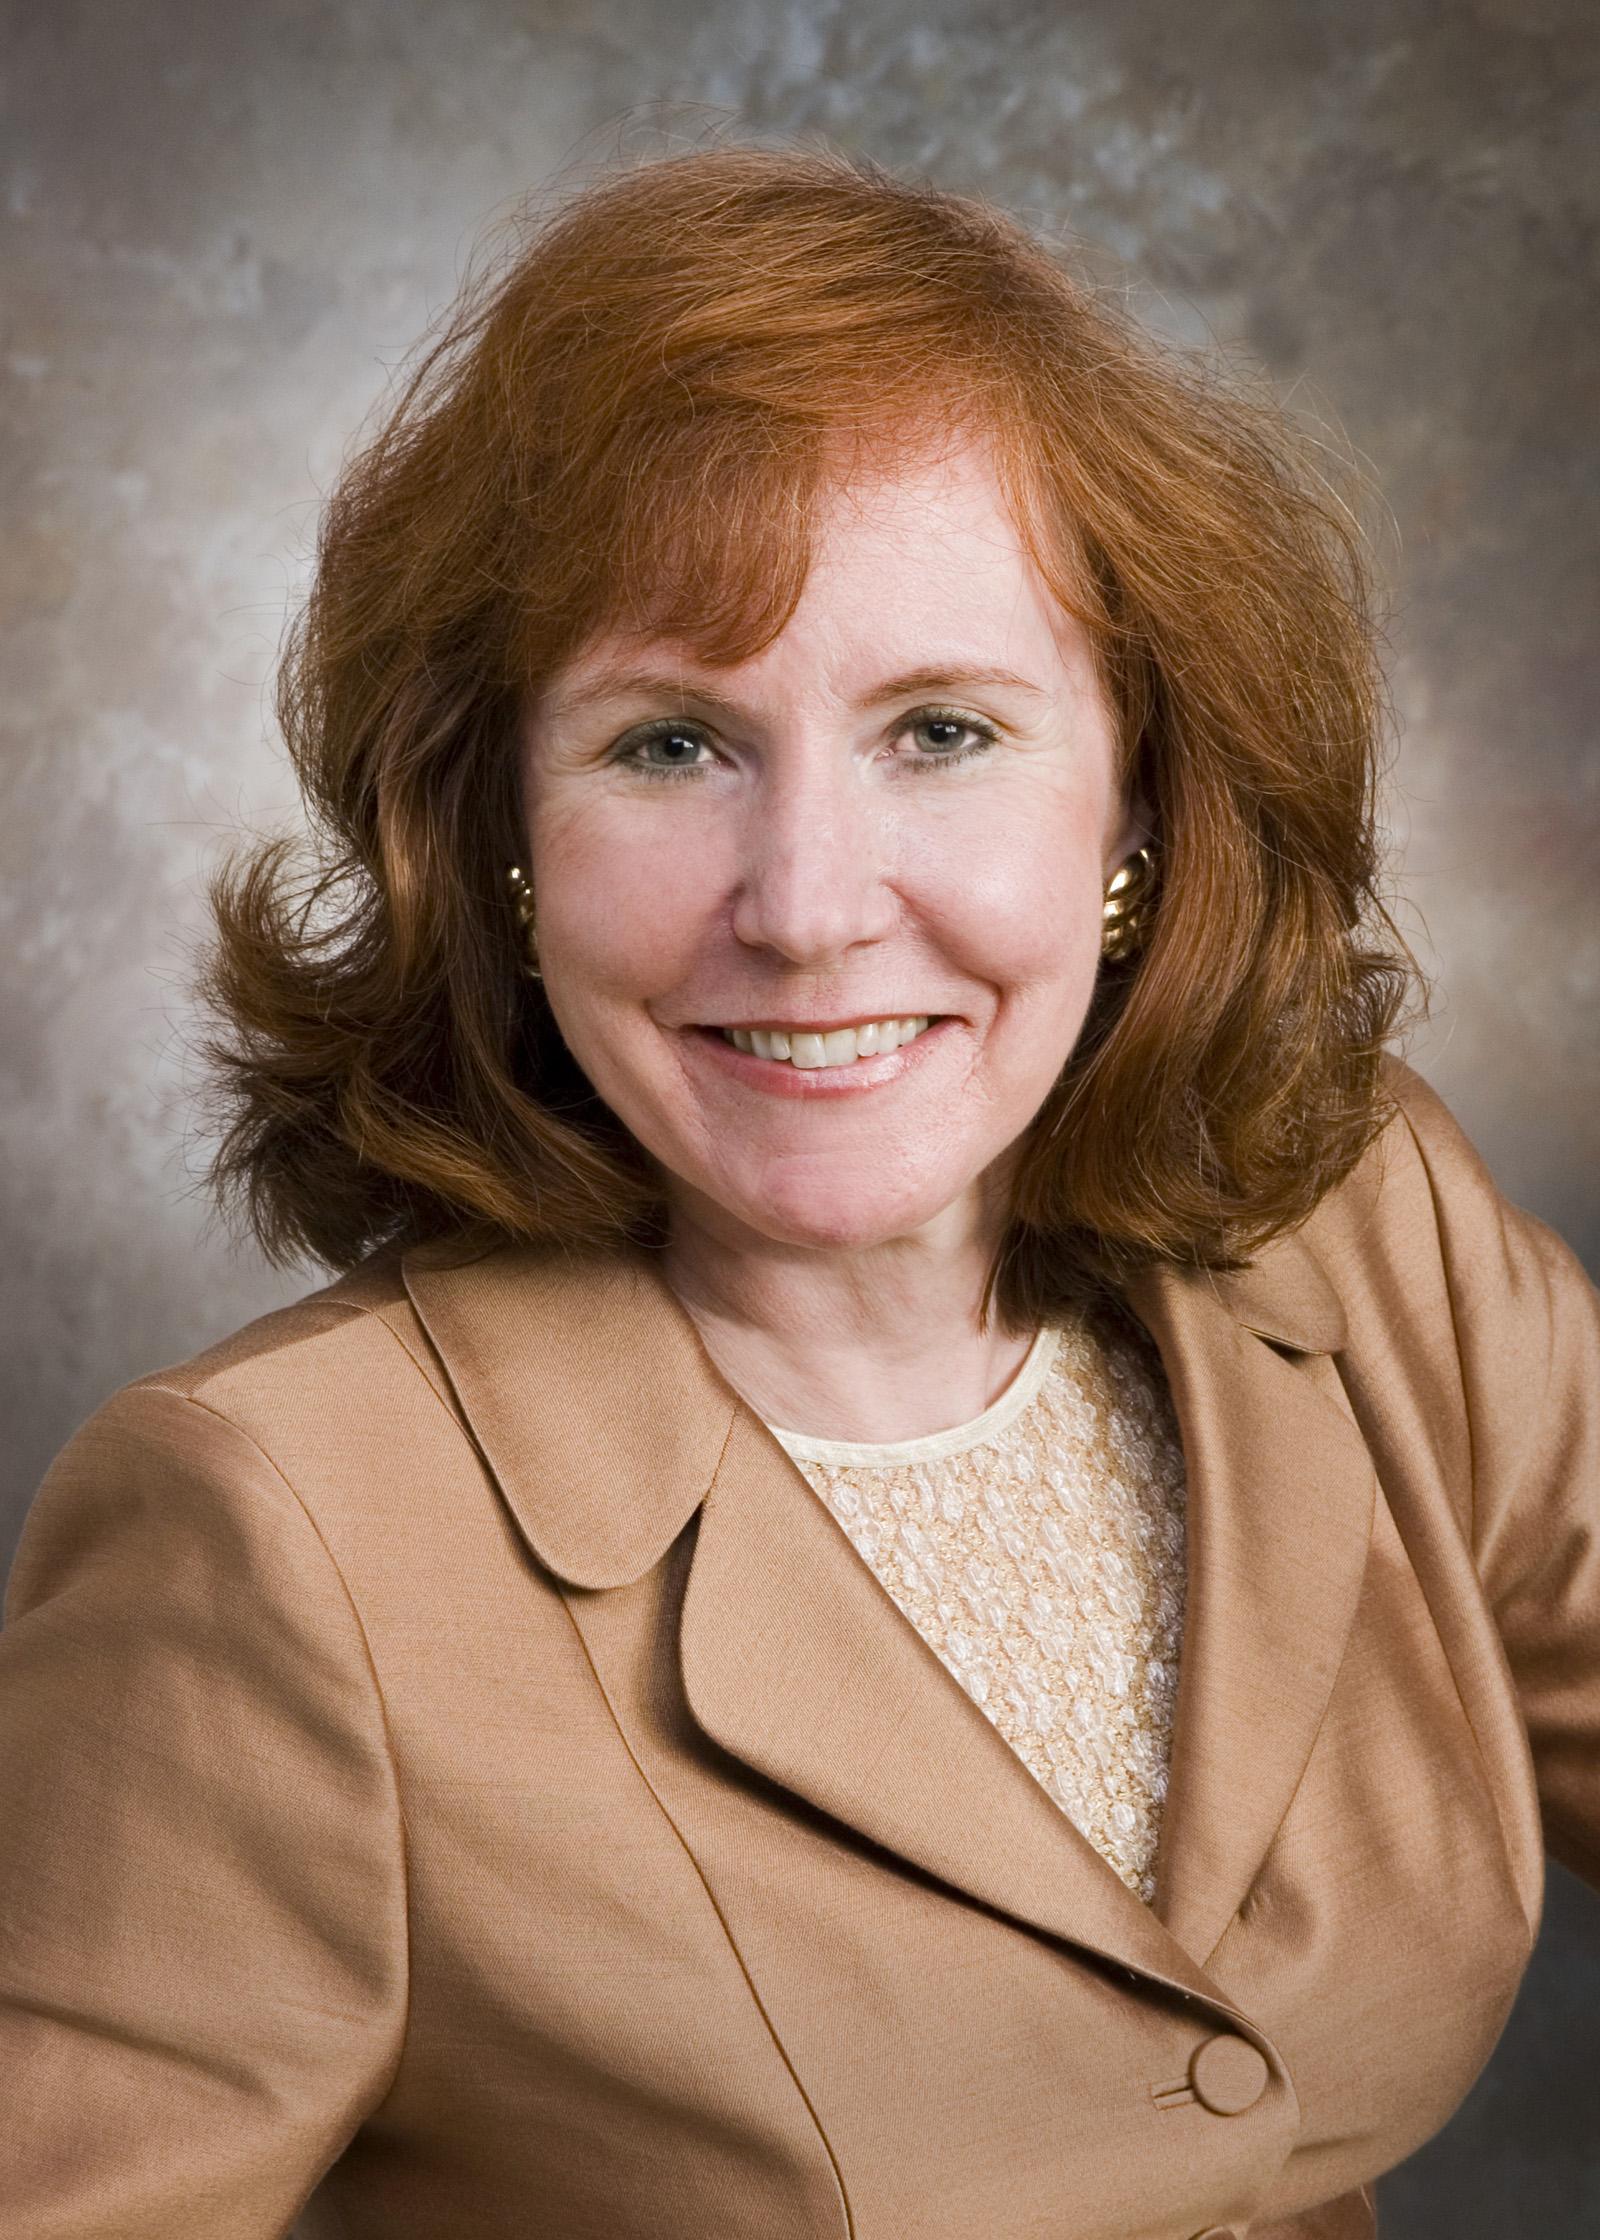 Karen Dineen Wagner, M.D., Ph.D.